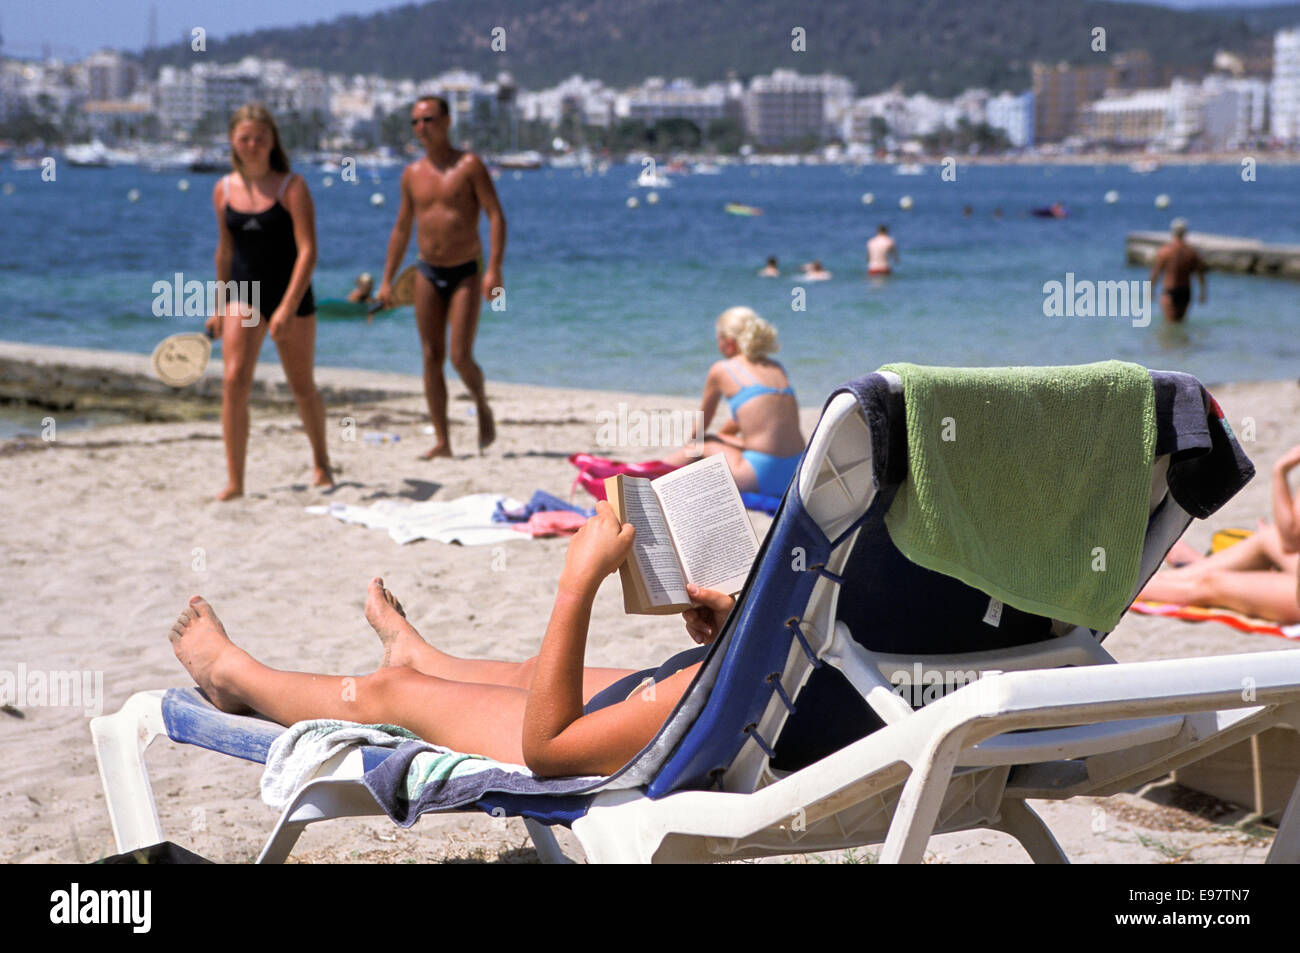 Sunbathing on the beach, San Antonio, Ibiza, Spain Stock Photo